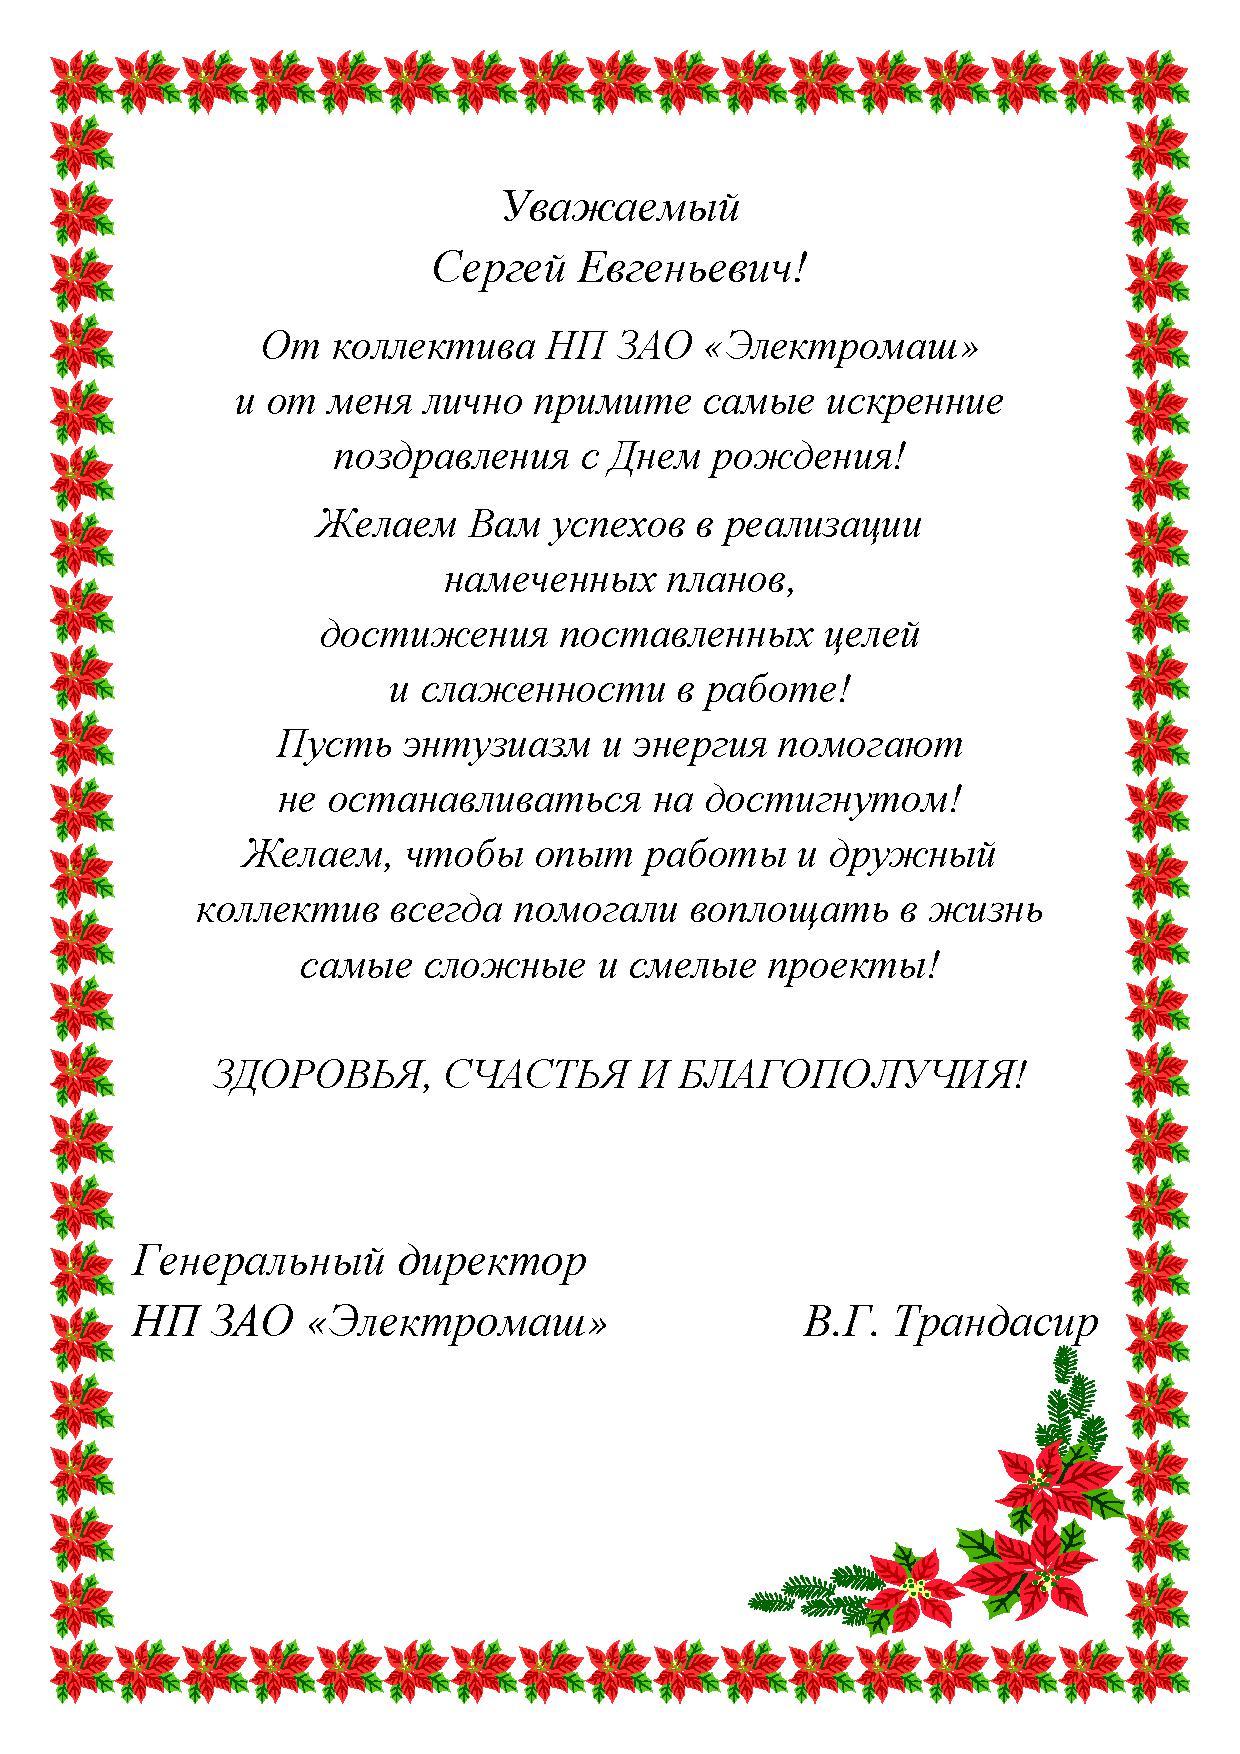 Поздравления чиновникам